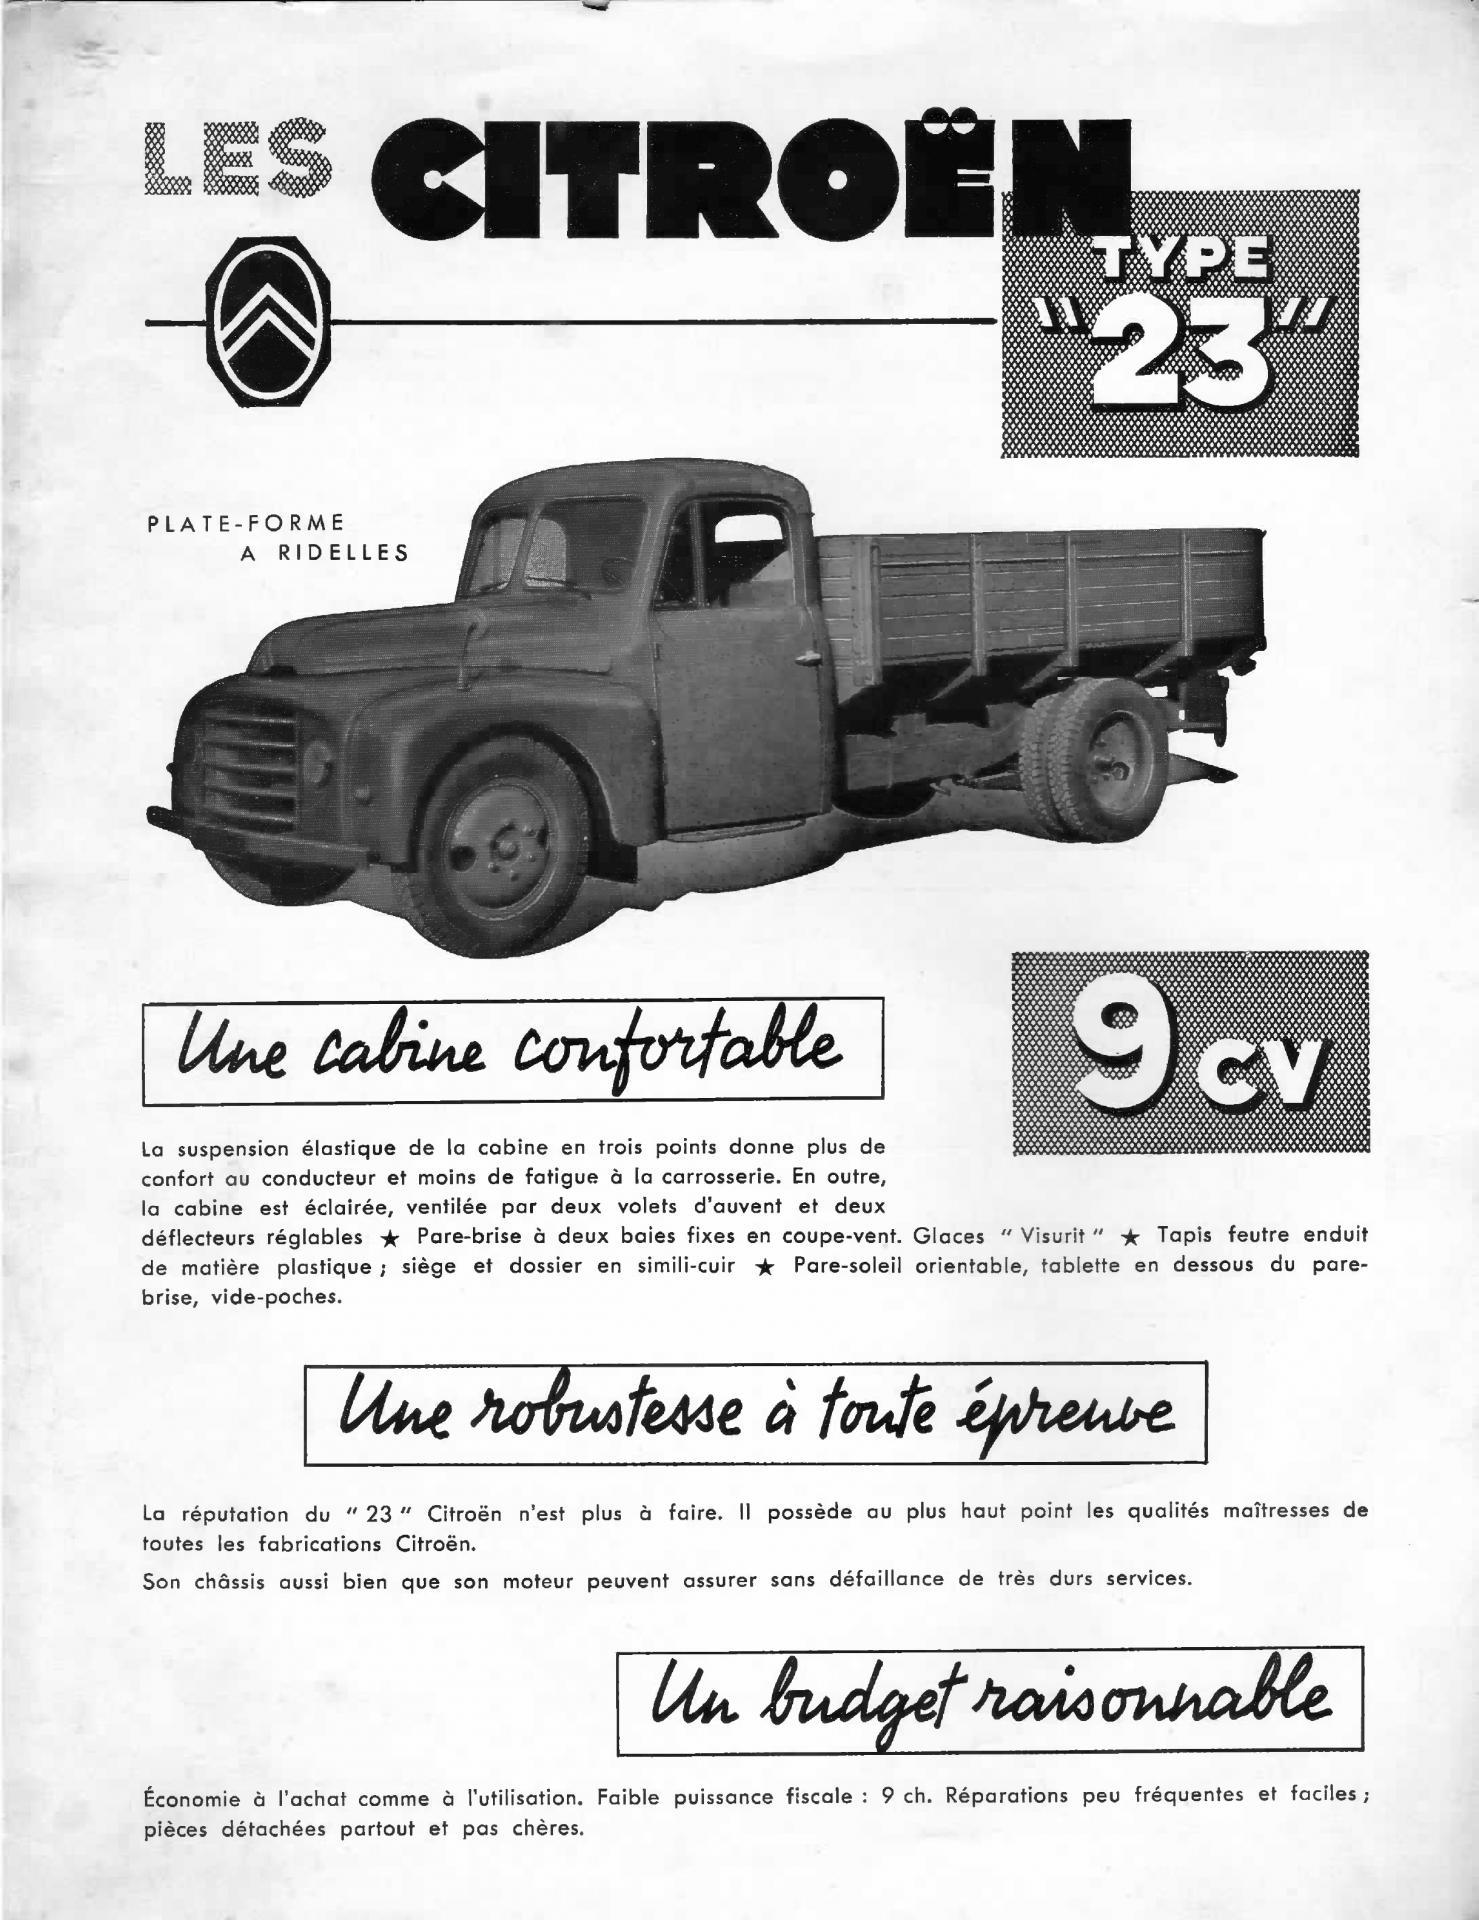 1954 Citroën Type 23 plateau document commercial